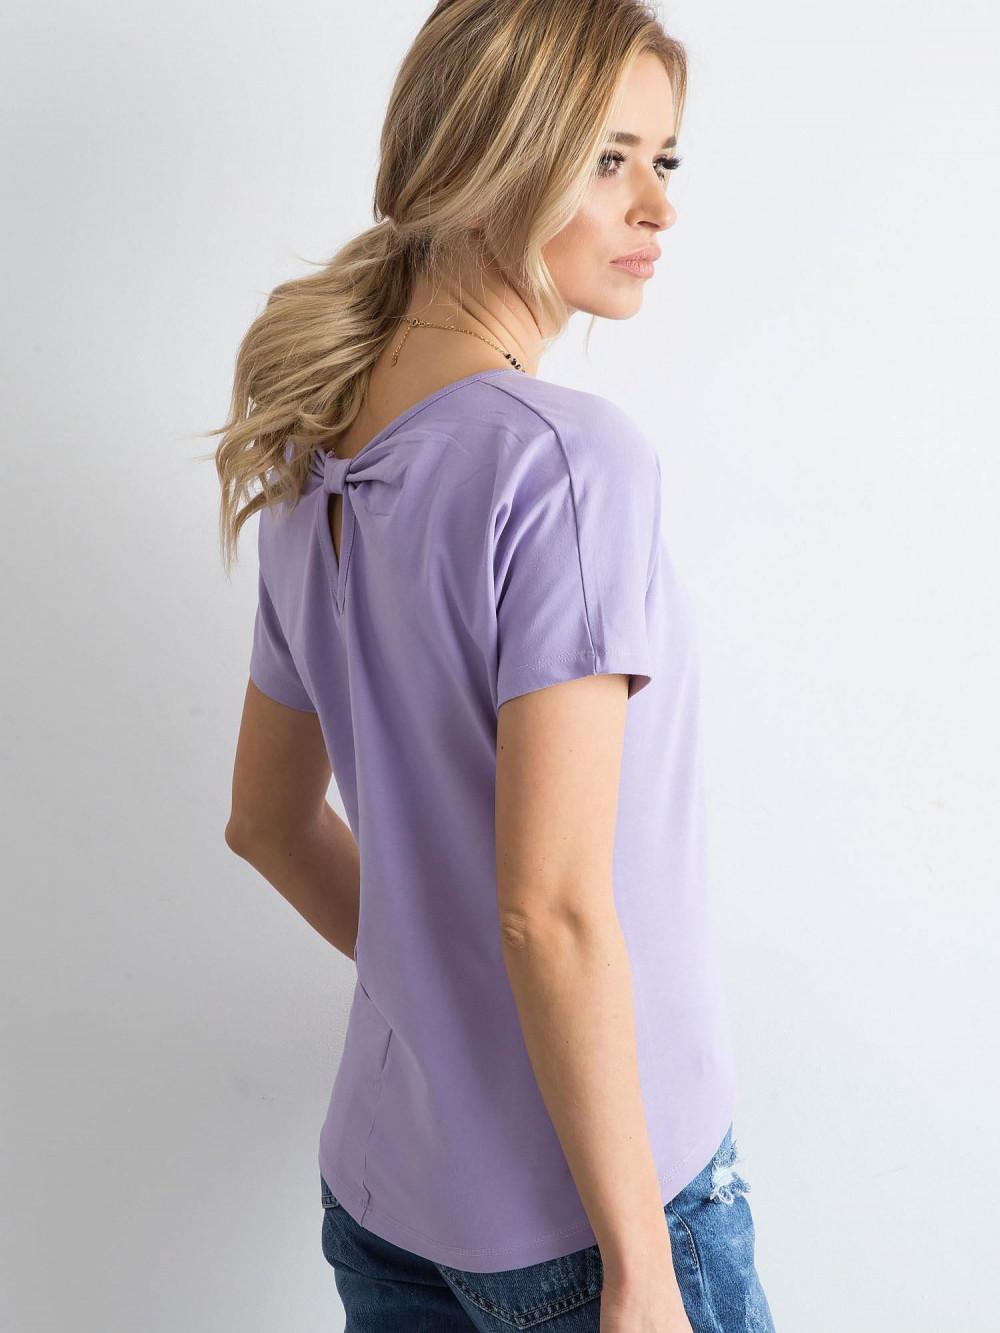 Fioletowy t-shirt z wycięciem na plecach Sofie 2